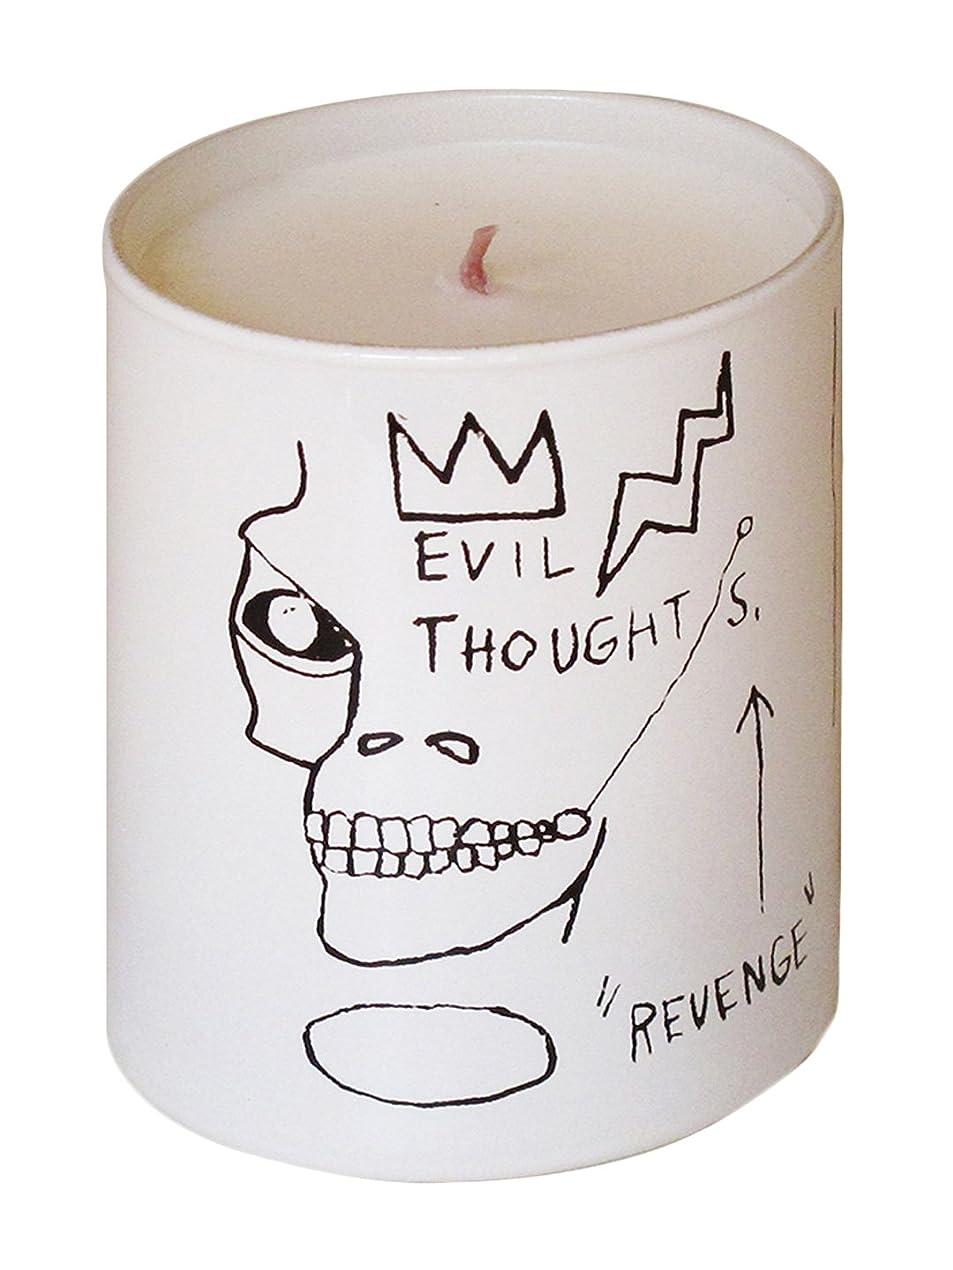 ガス多様ないとこジャン ミシェル バスキア リベンジ キャンドル(Jean-Michael Basquiat Perfumed Candle